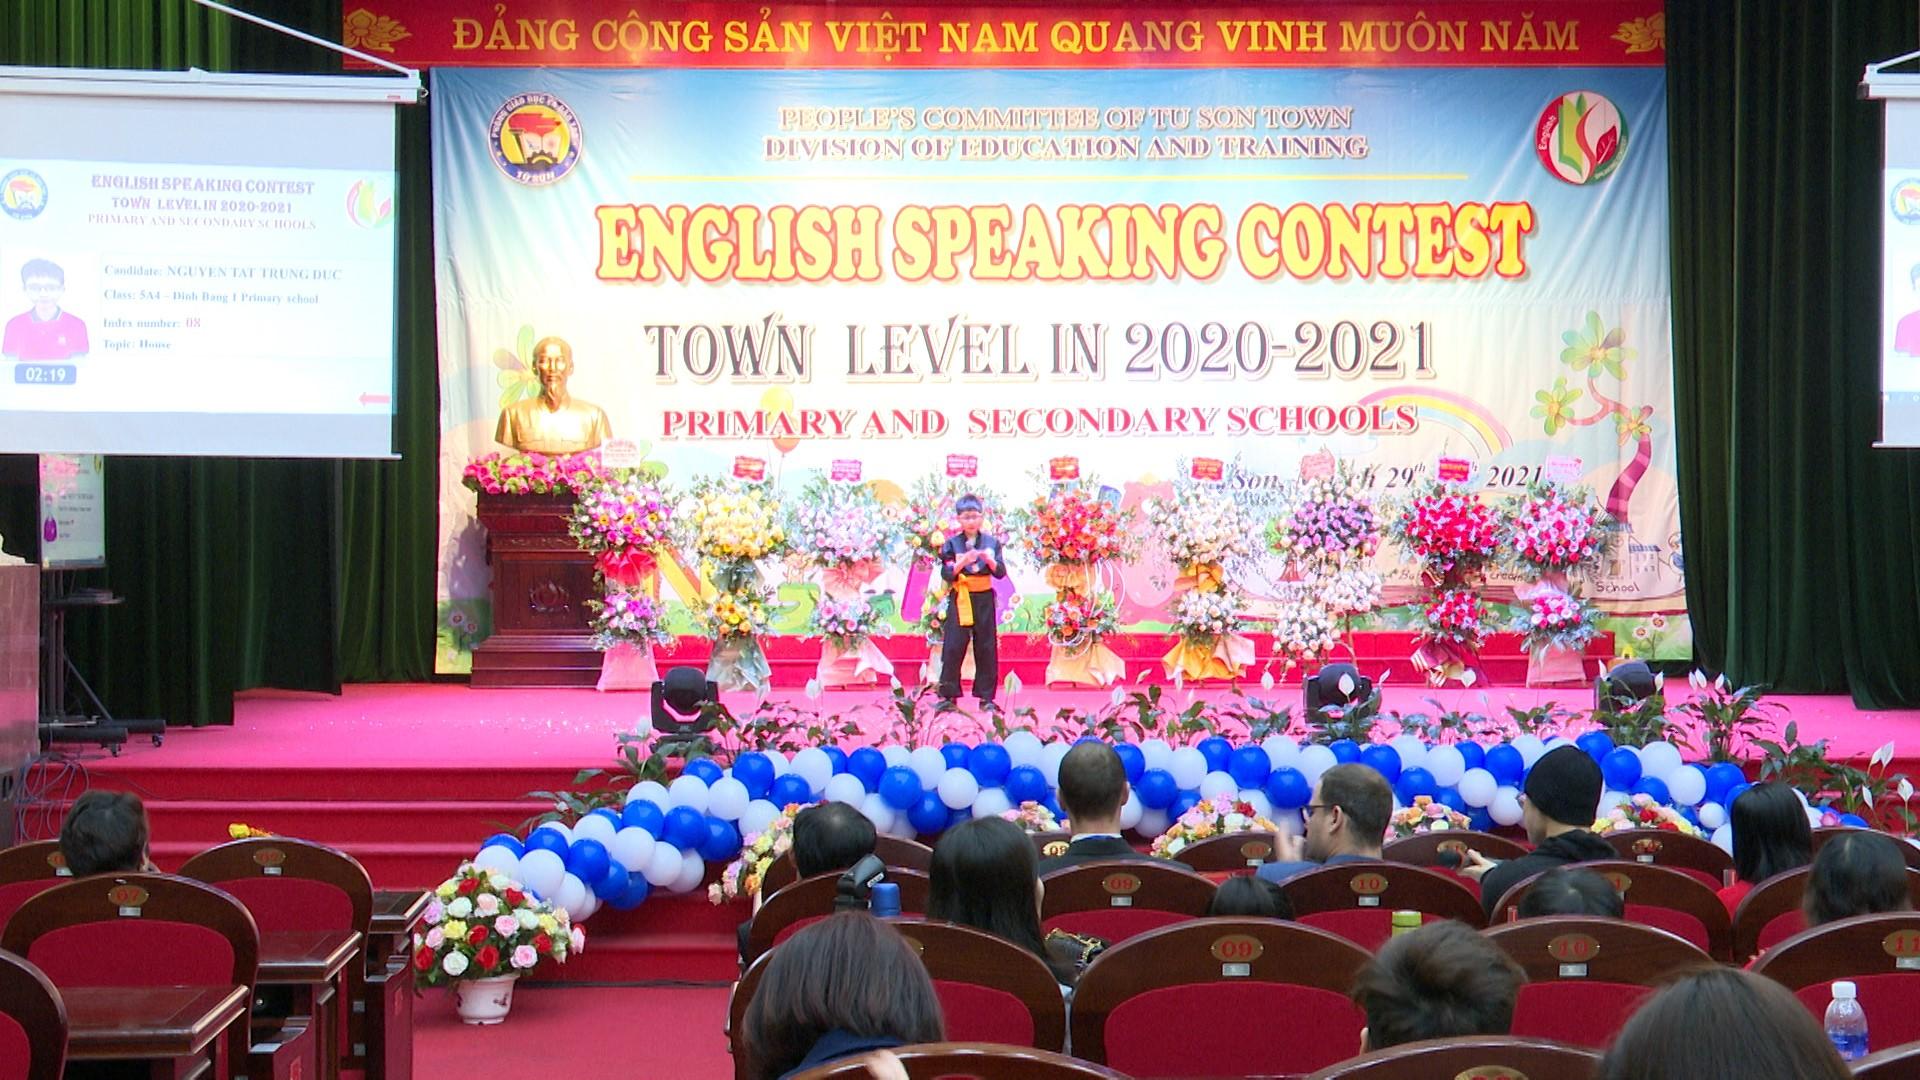 Hội thi hùng biện tiếng Anh cấp THCS và Nói giỏi Tiếng Anh cấp tiểu học năm học 2020 – 2021 ở Từ Sơn